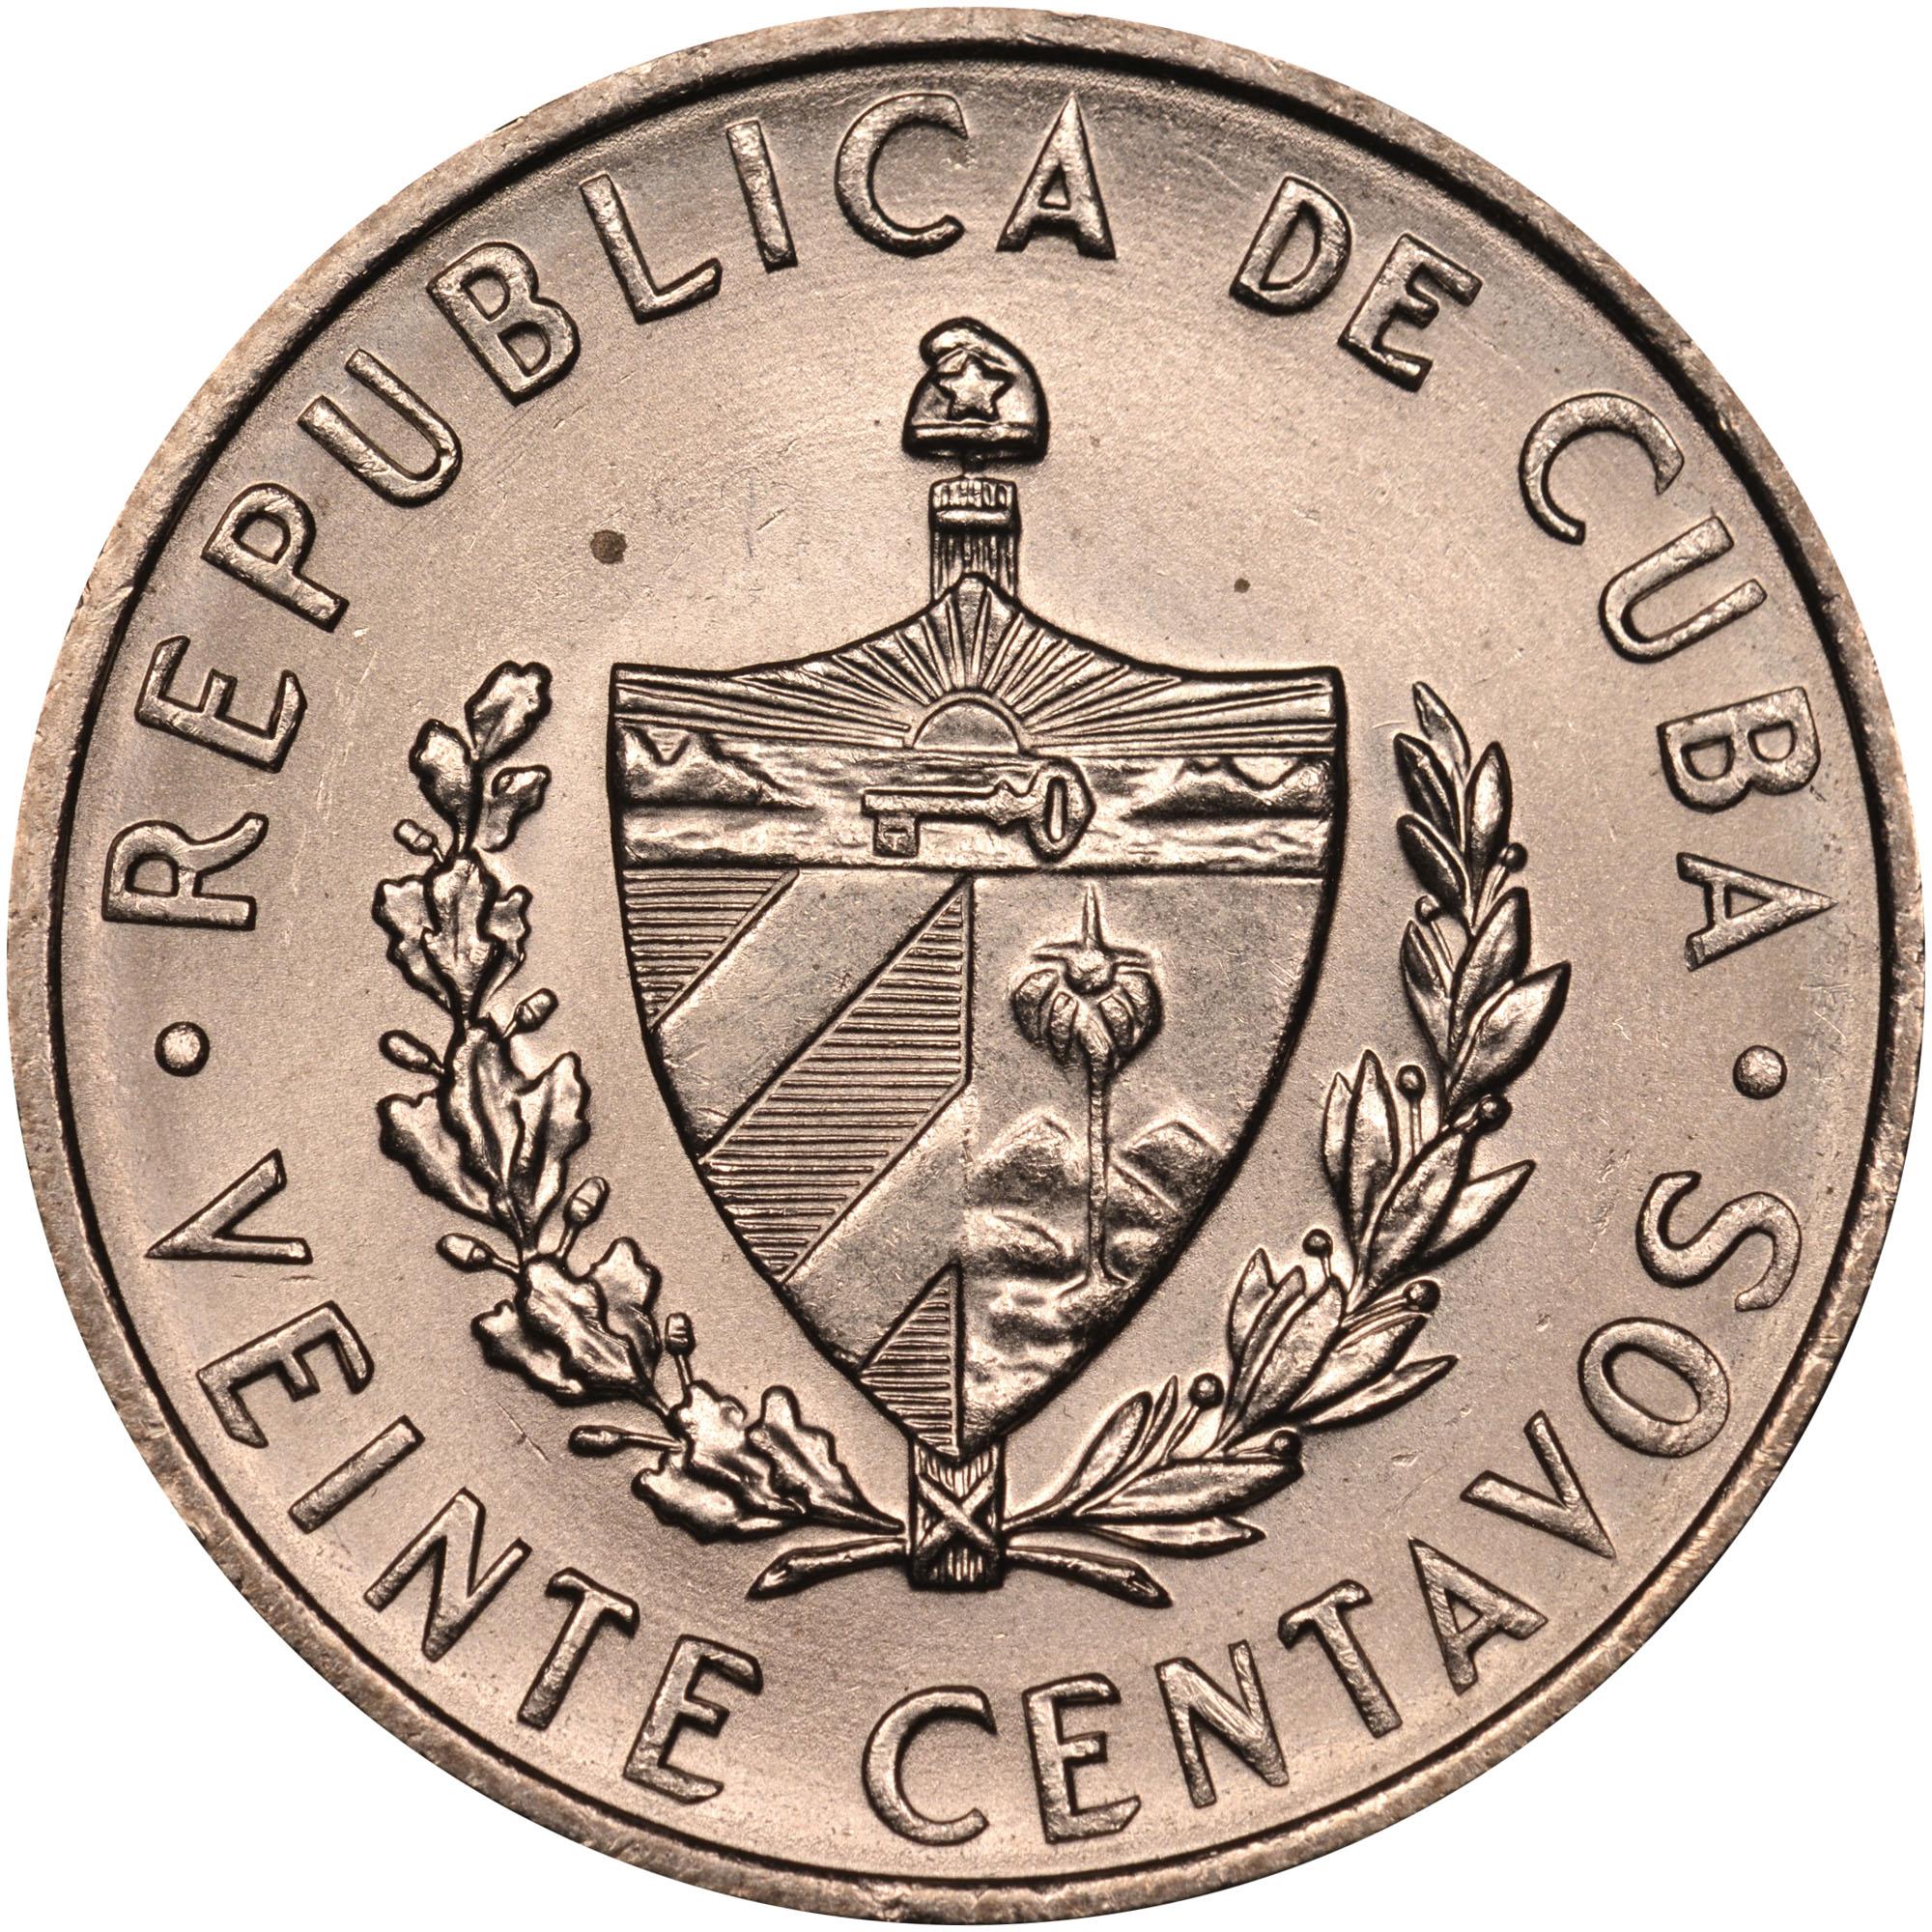 1962-1968 Cuba 20 Centavos obverse